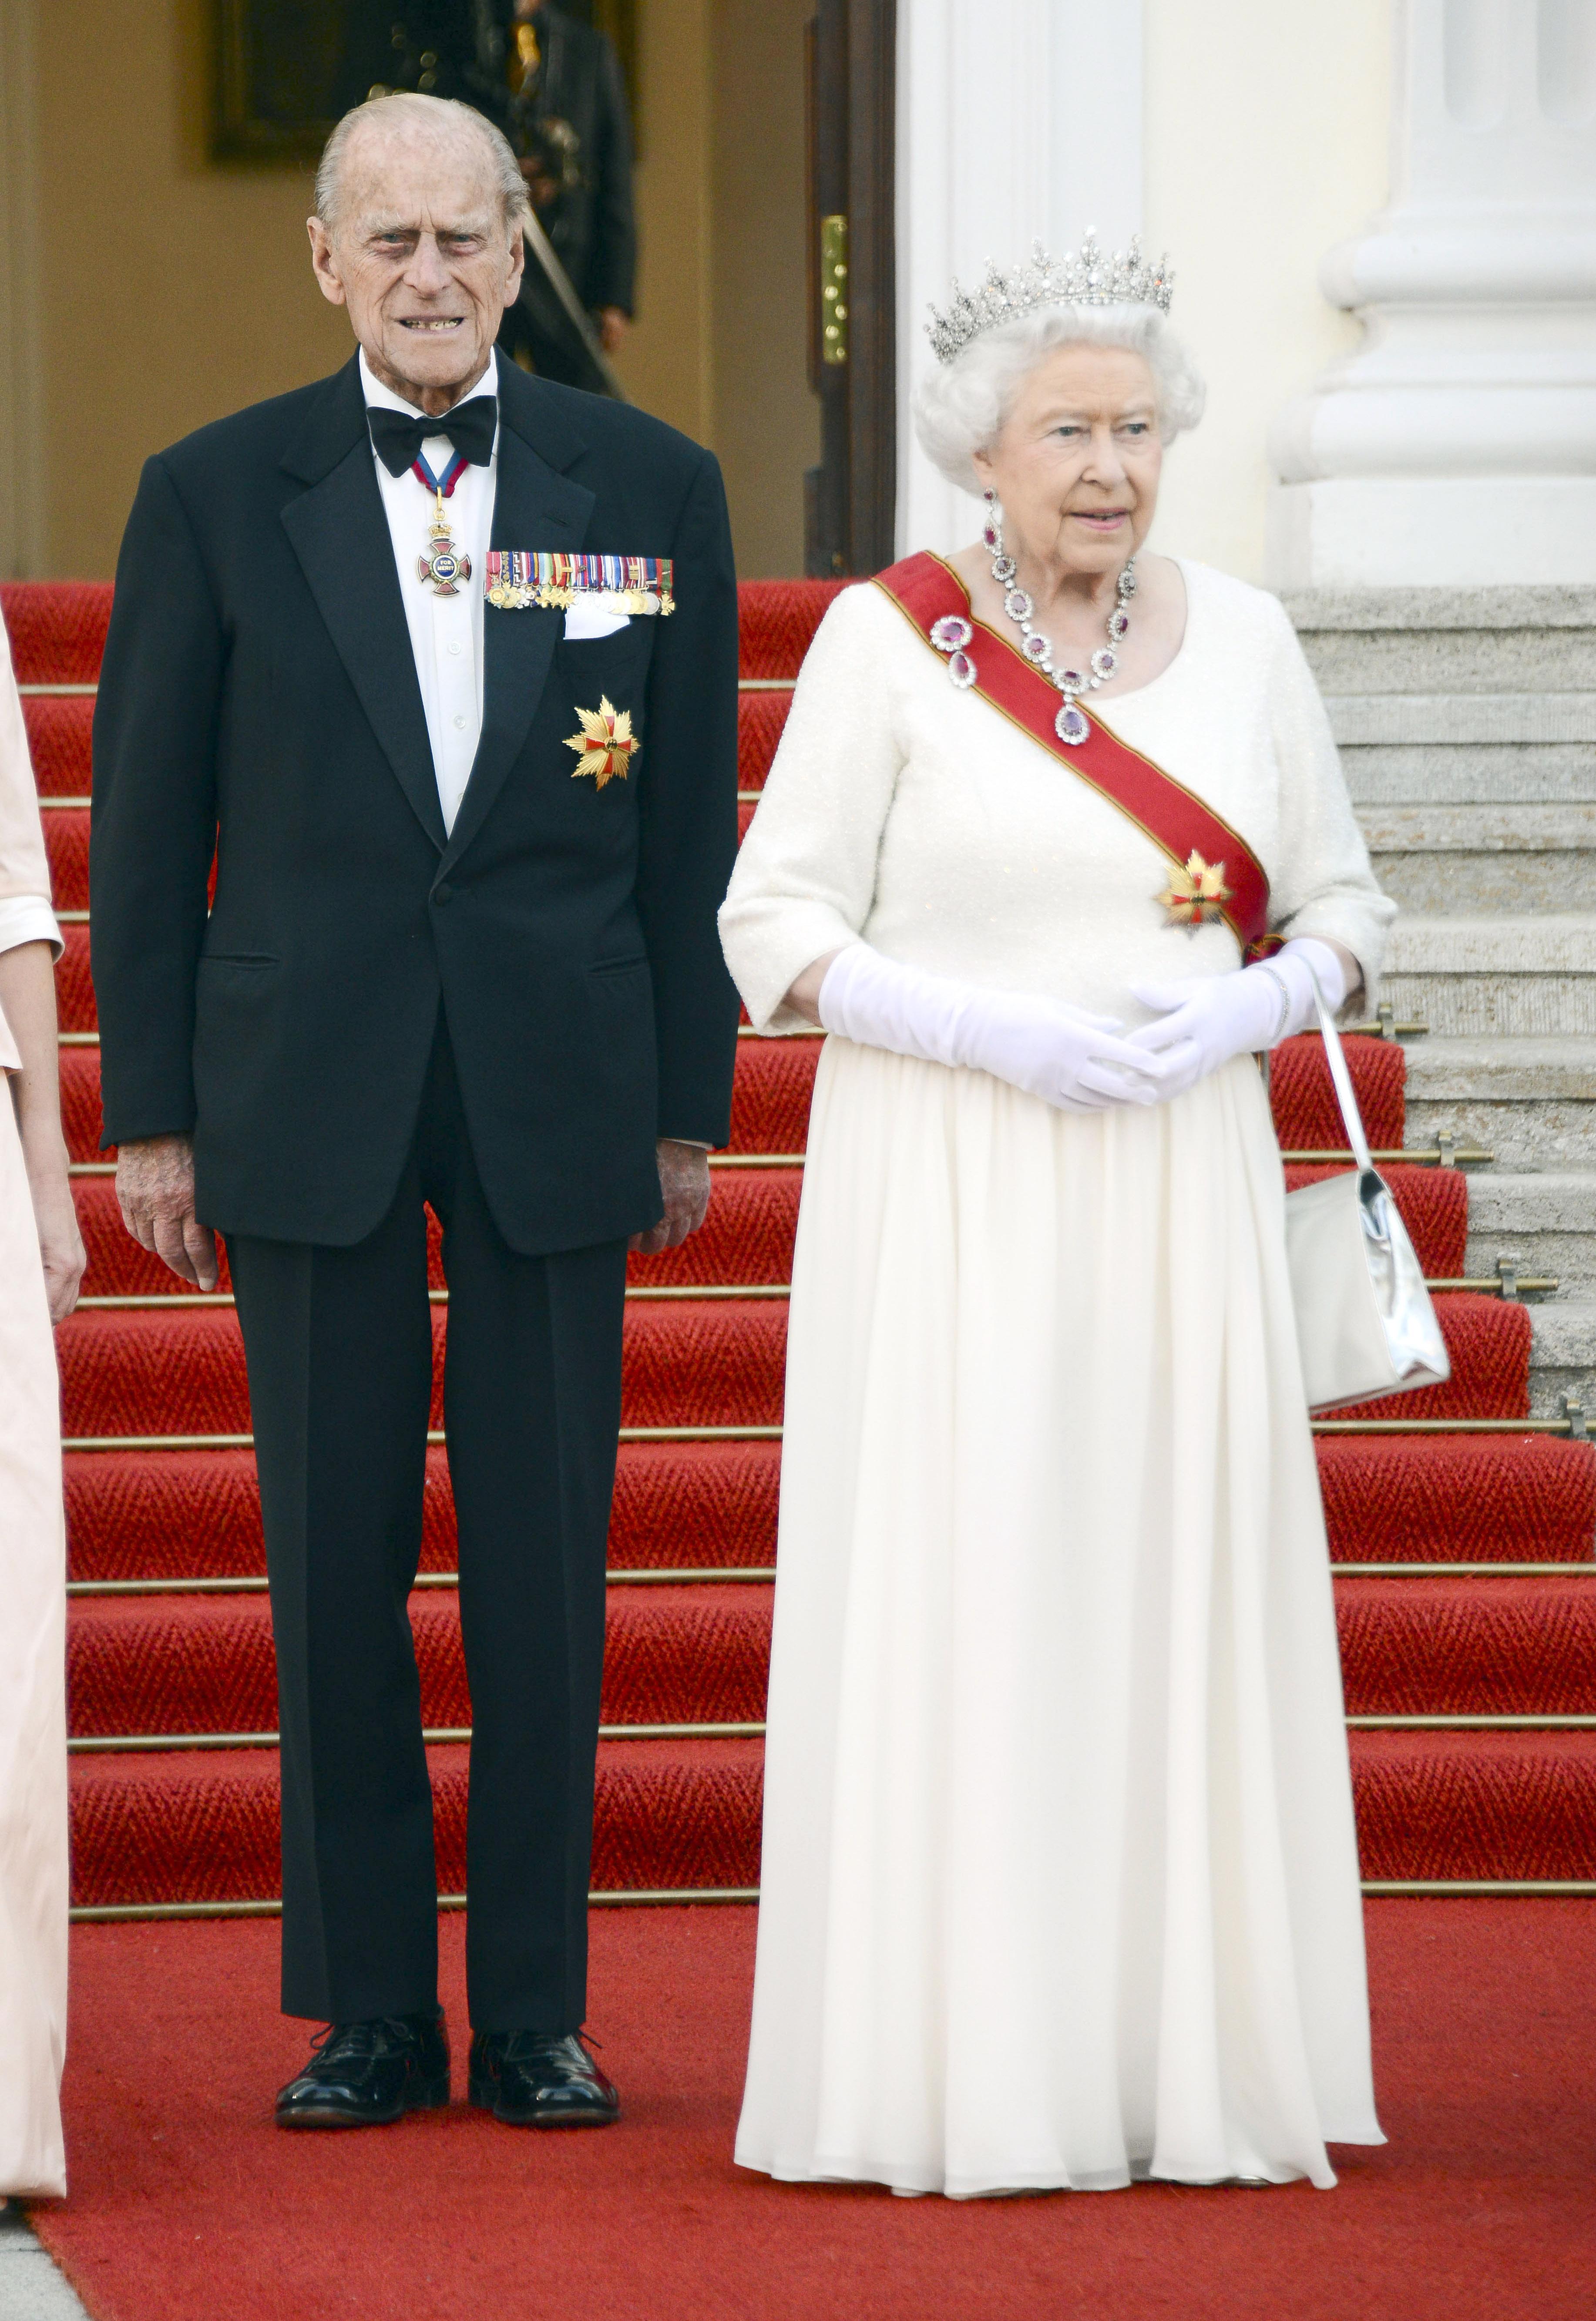 Prințul Philip, care are un simț special al umorului, a poreclit-o pe Regina Elisabeta a II-a într-un mod neobișnuit.